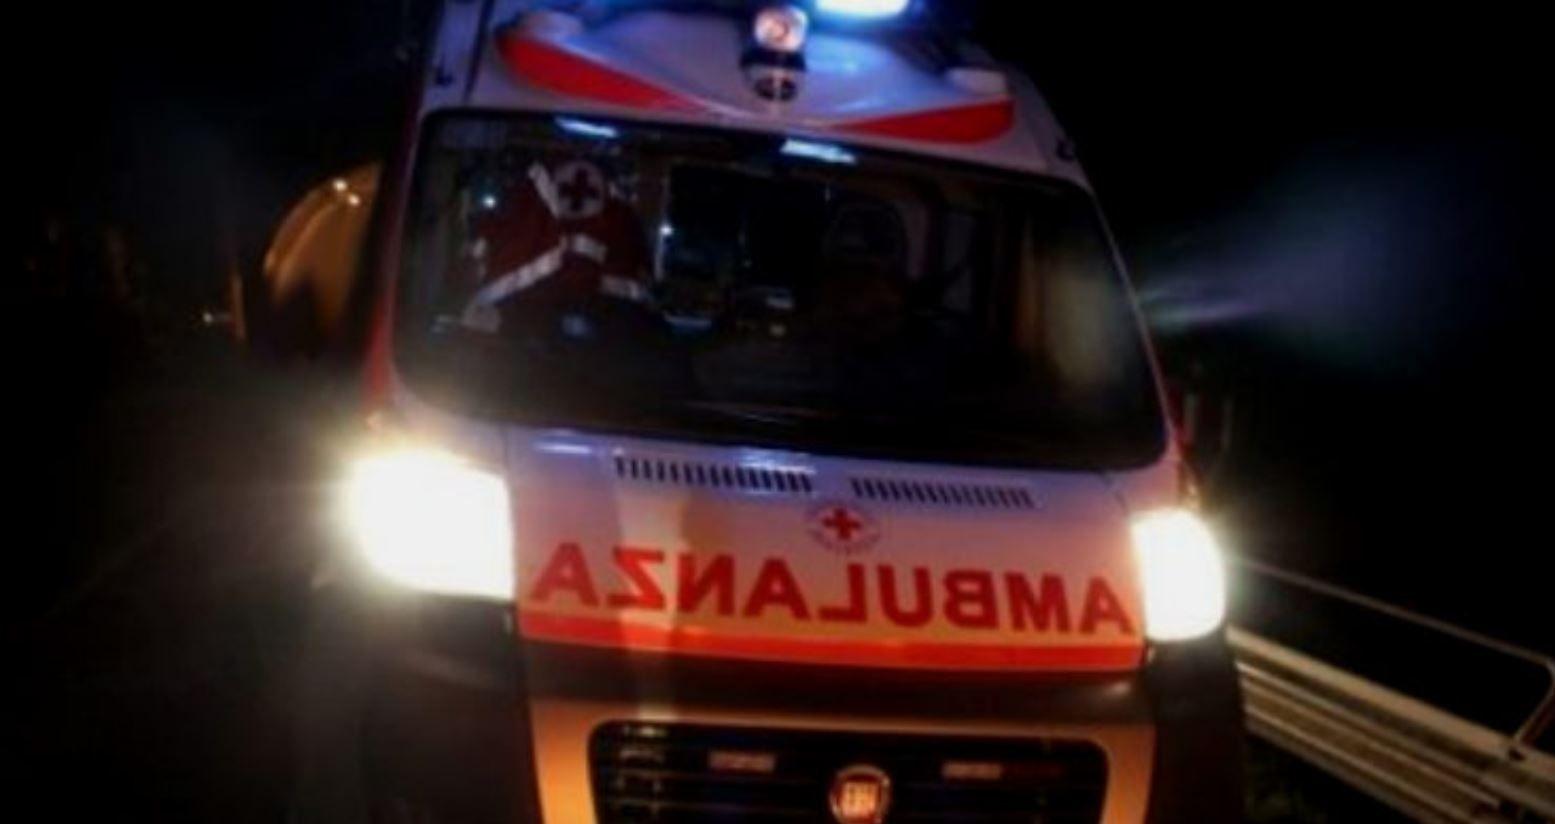 DRAMMA A CALUSO - Bimba di due mesi trovata morta nella culla